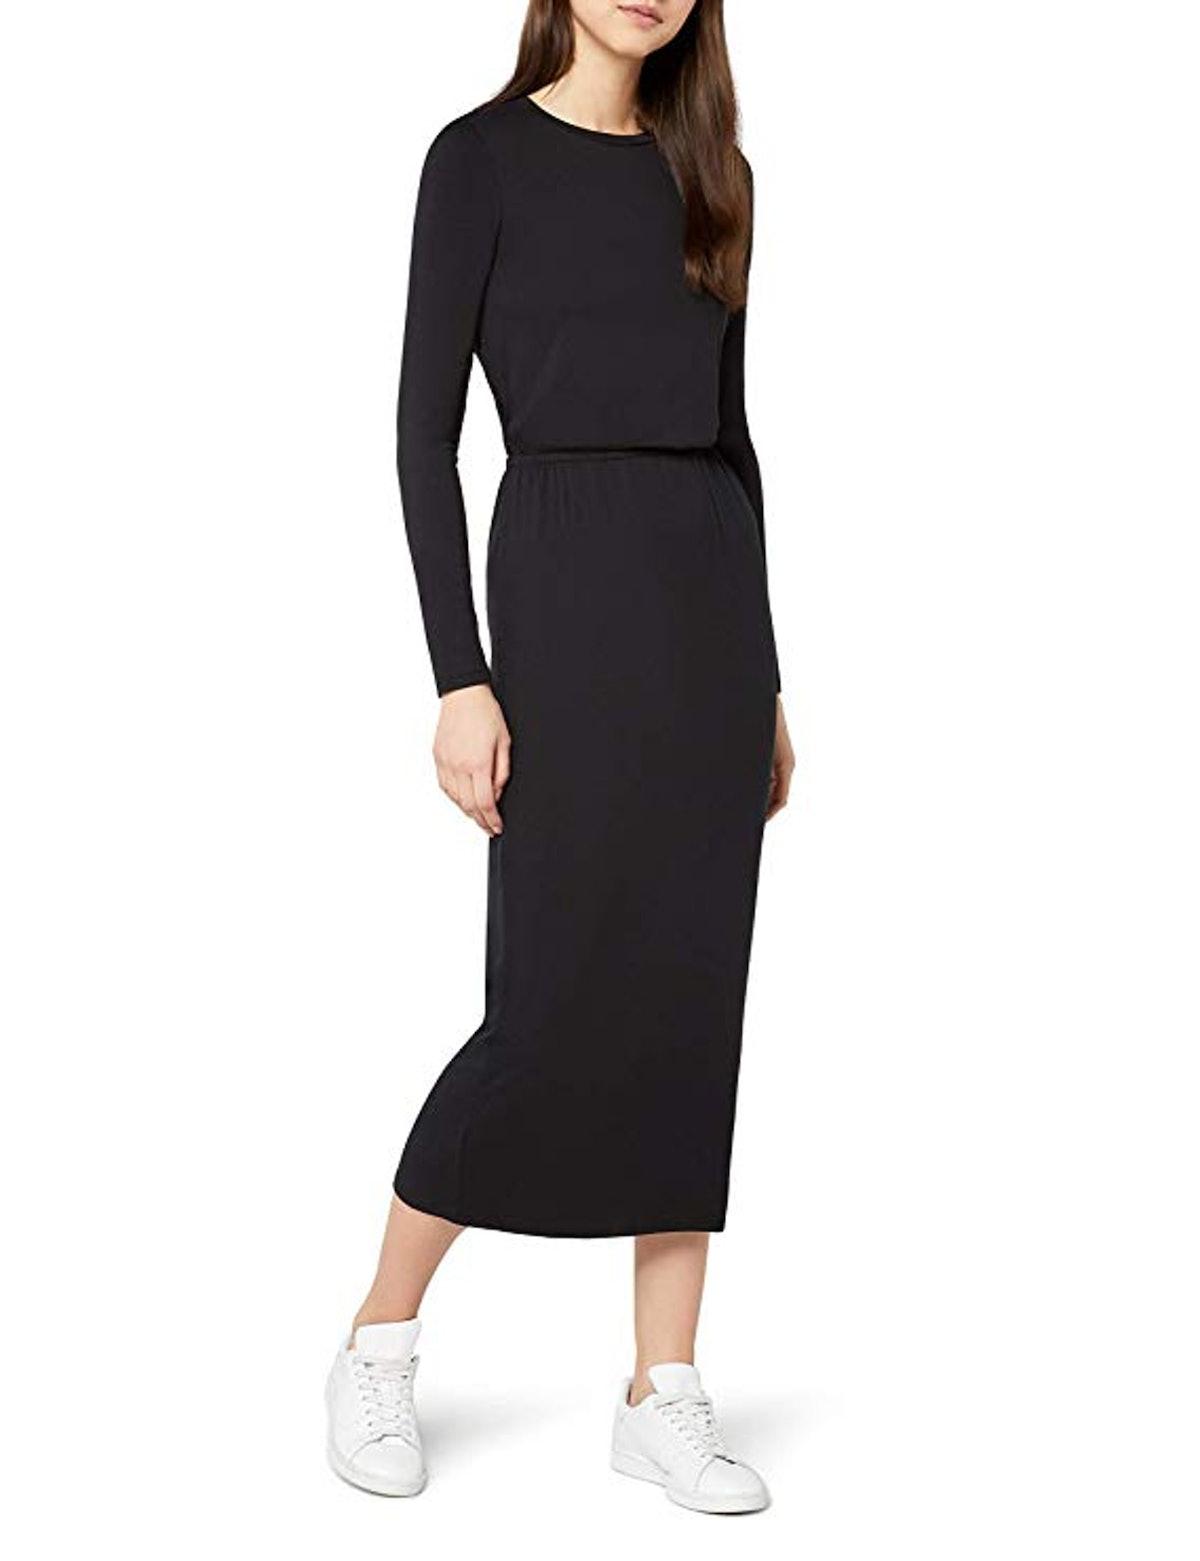 find. Elastic Waist Jersey Maxi Dress